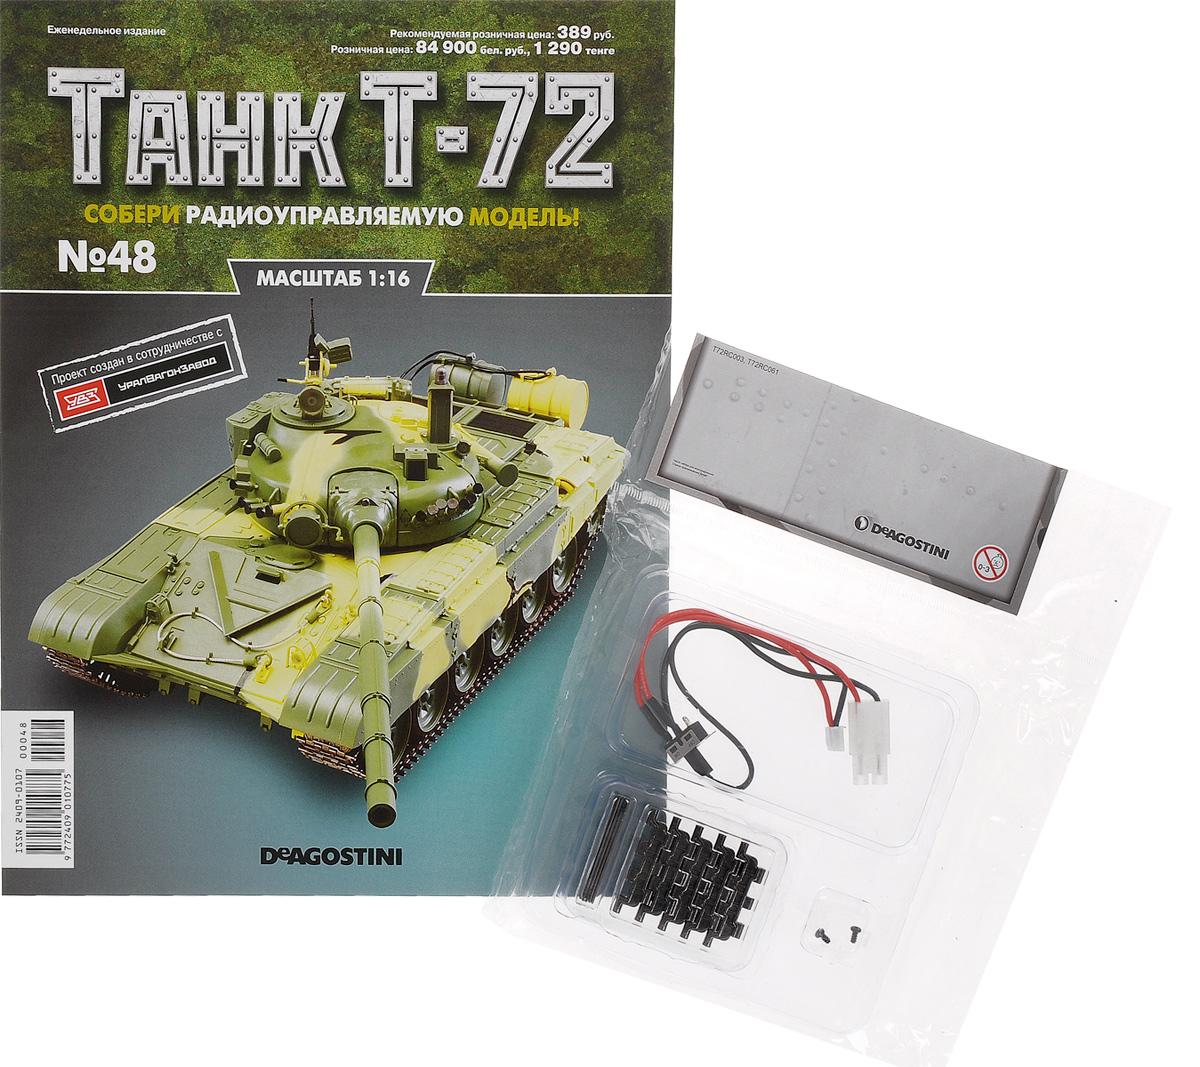 Журнал Танк Т-72 №48TRC048Перед вами - журнал из уникальной серии партворков Танк Т-72 с увлекательной информацией о легендарных боевых машинах и элементами для сборки копии танка Т-72 в уменьшенном варианте 1:16. У вас есть возможность собственноручно создать высококачественную модель этого знаменитого танка с достоверным воспроизведением всех элементов, сохранением функций подлинной боевой машины и дистанционным управлением. В комплект с номером входят выключатель питания, а также очередной набор траков и штифтов. Категория 16+.